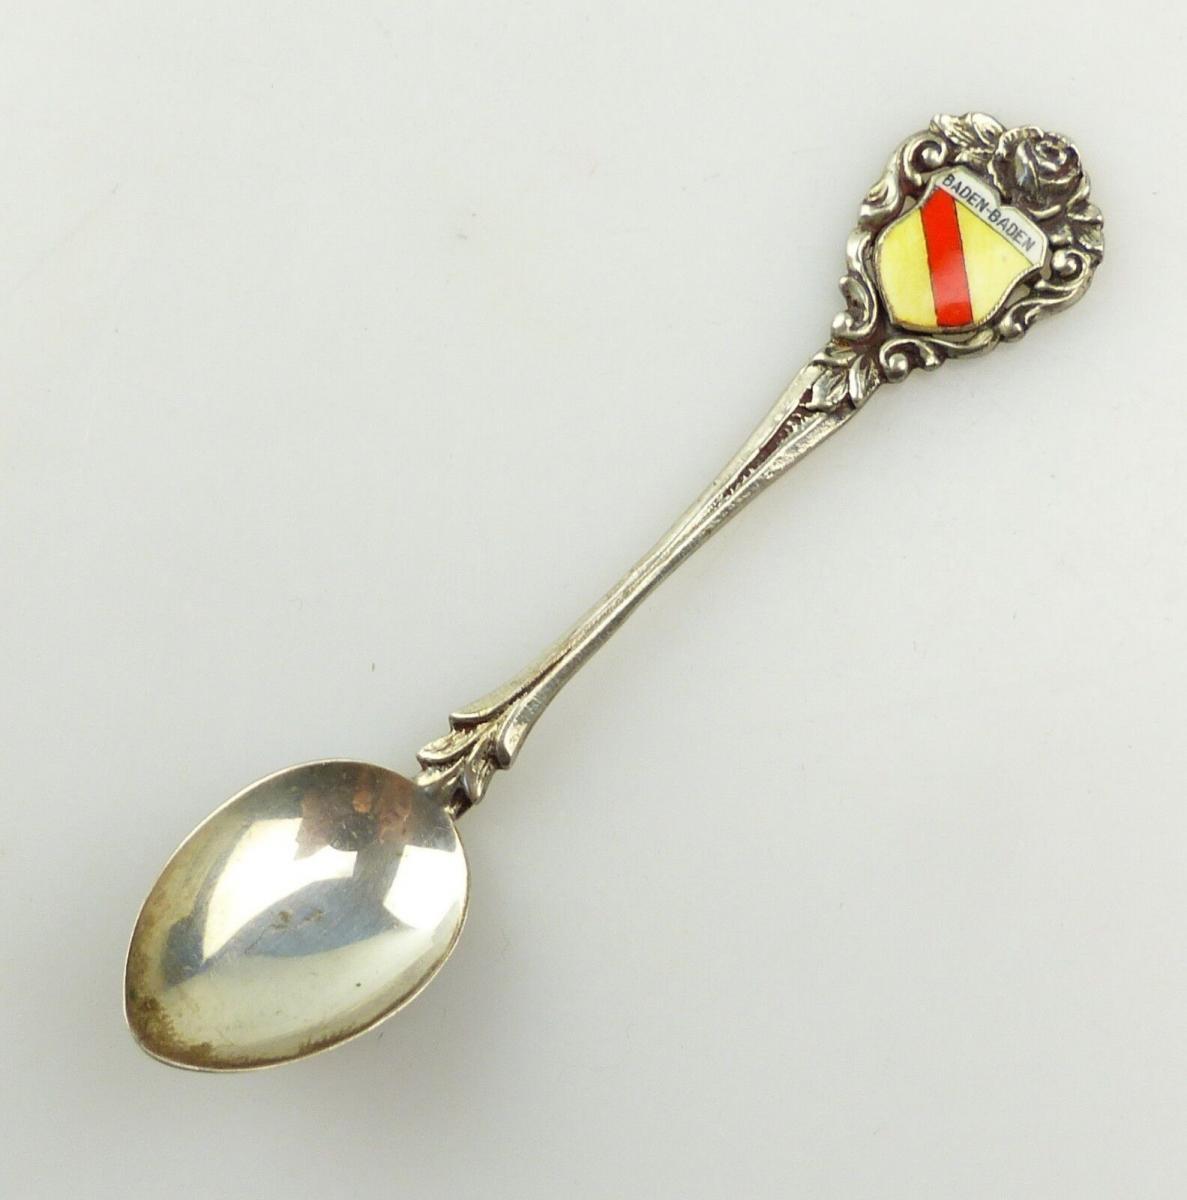 E10288 Sammlerlöffel Baden Baden mit Wappen und Rose aus 835er Silber